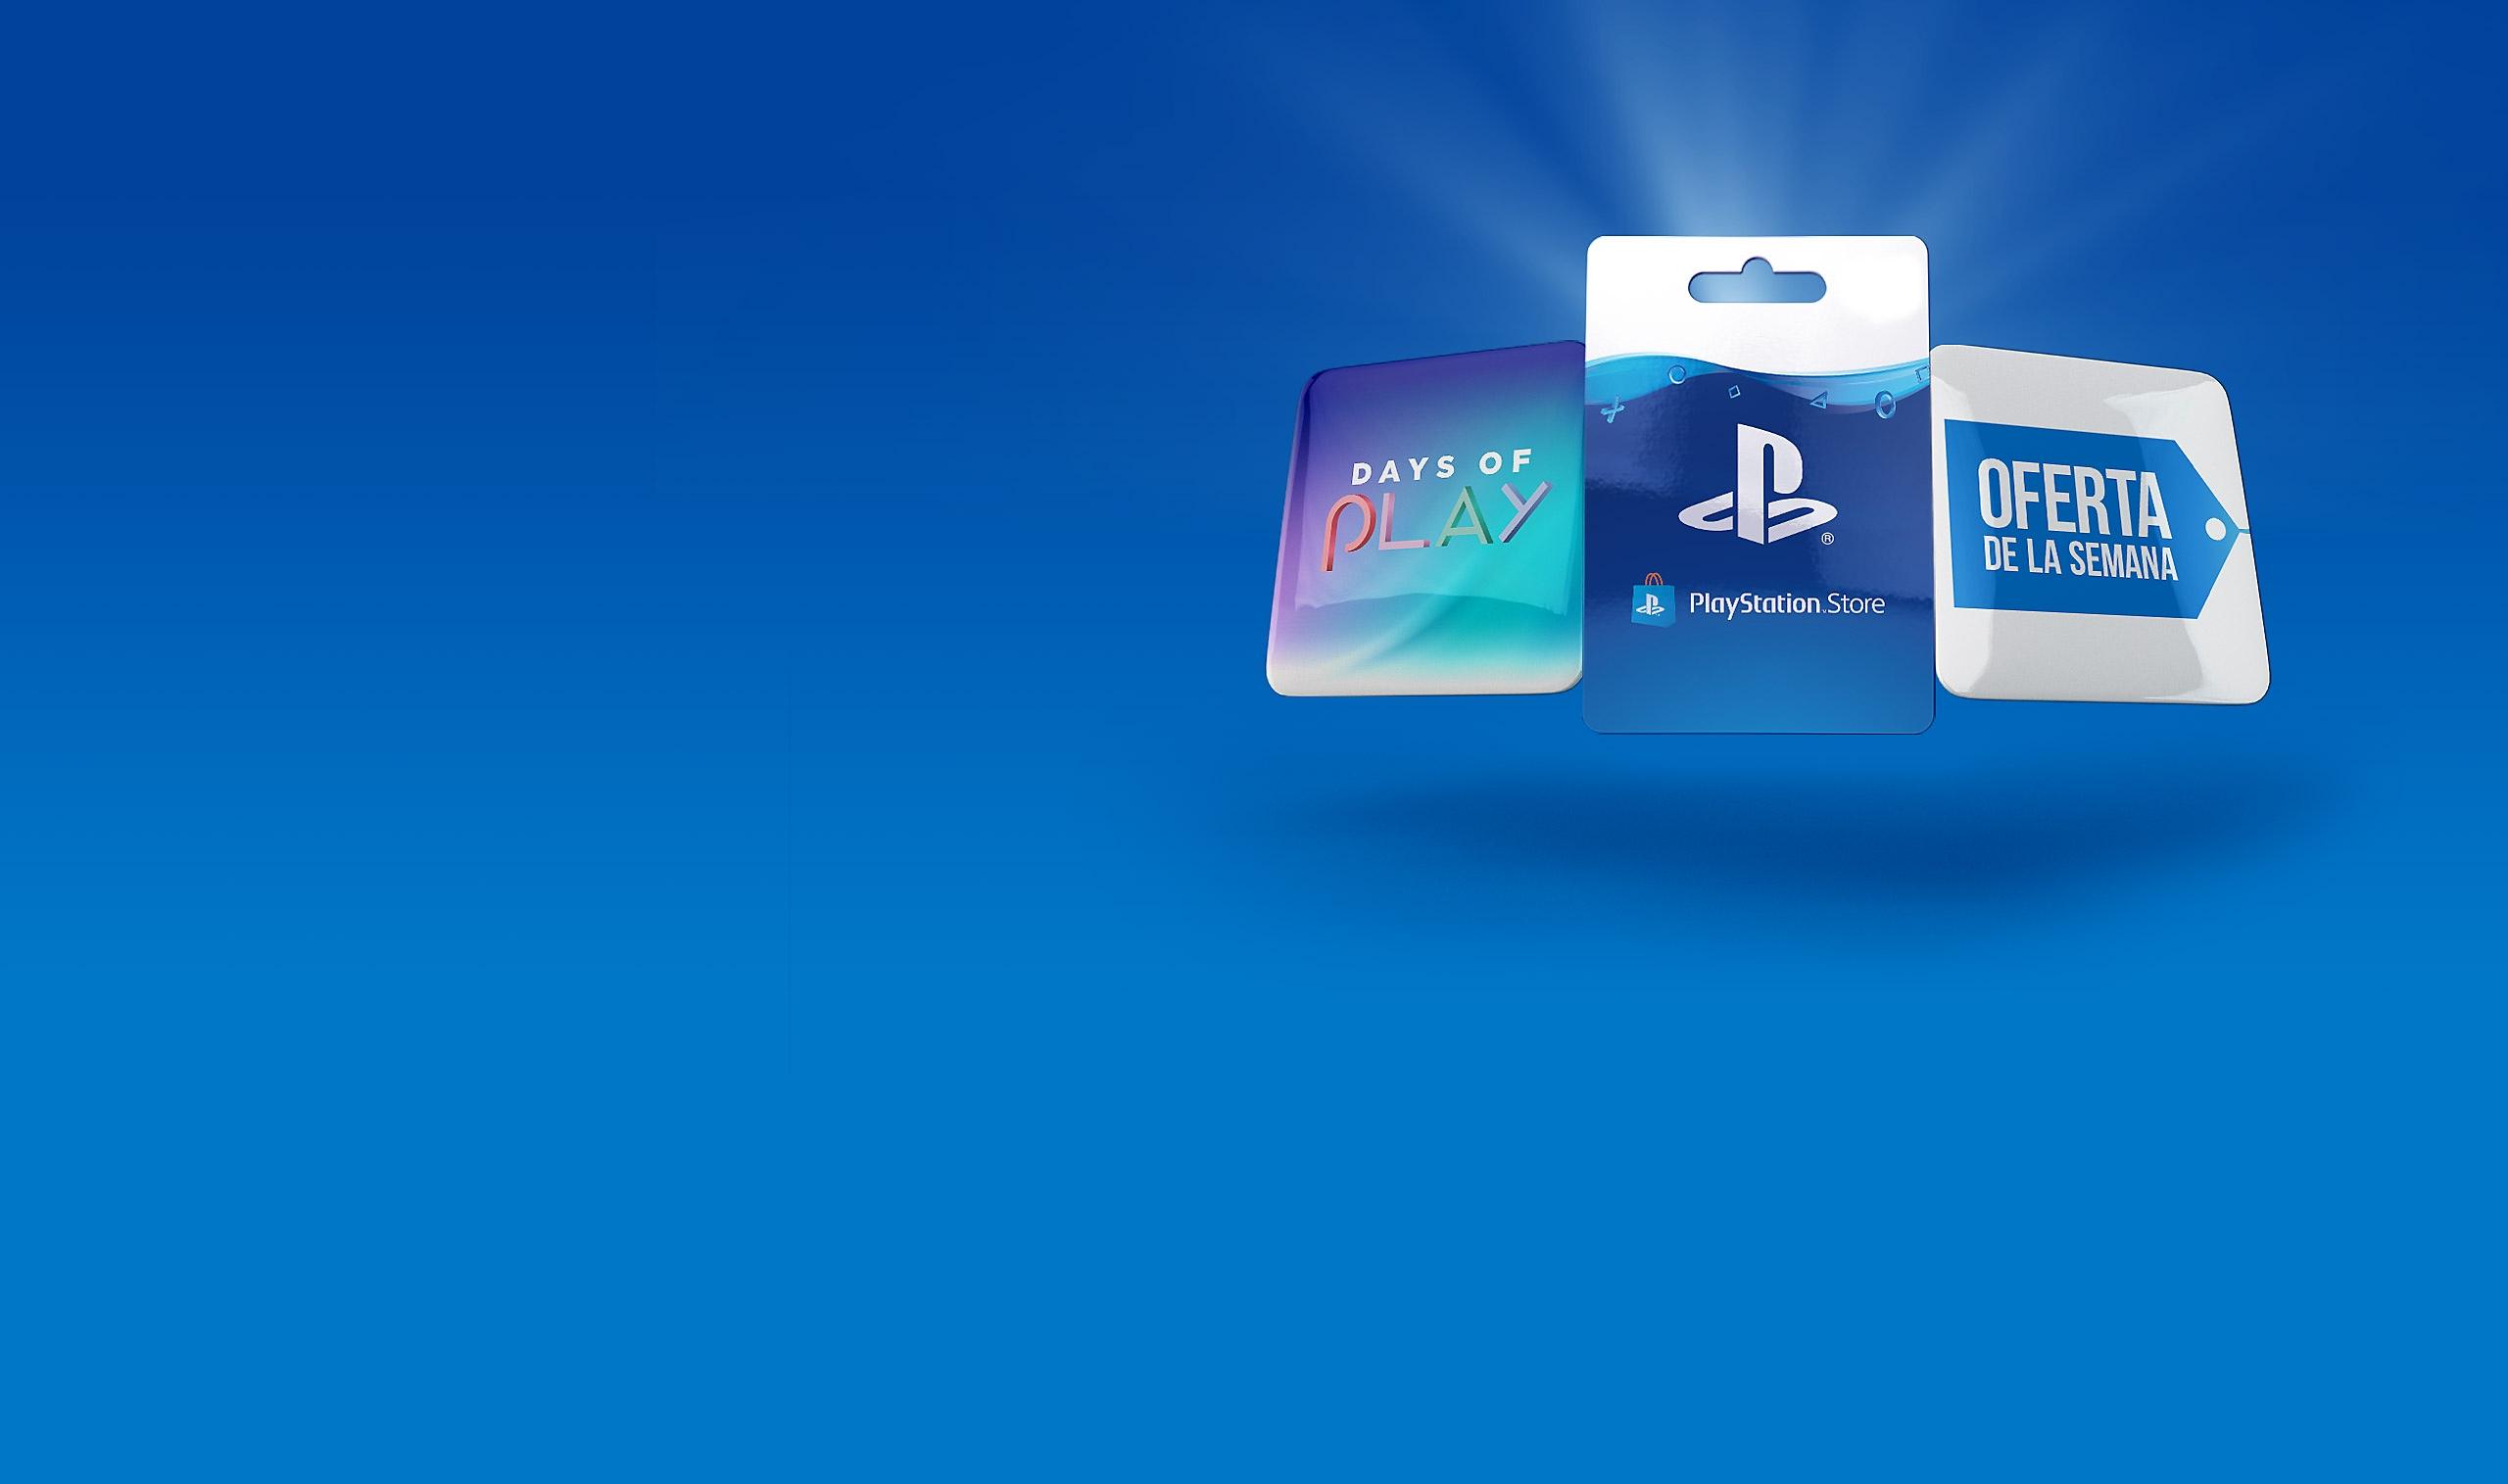 Bloque de fondo de PlayStation Store